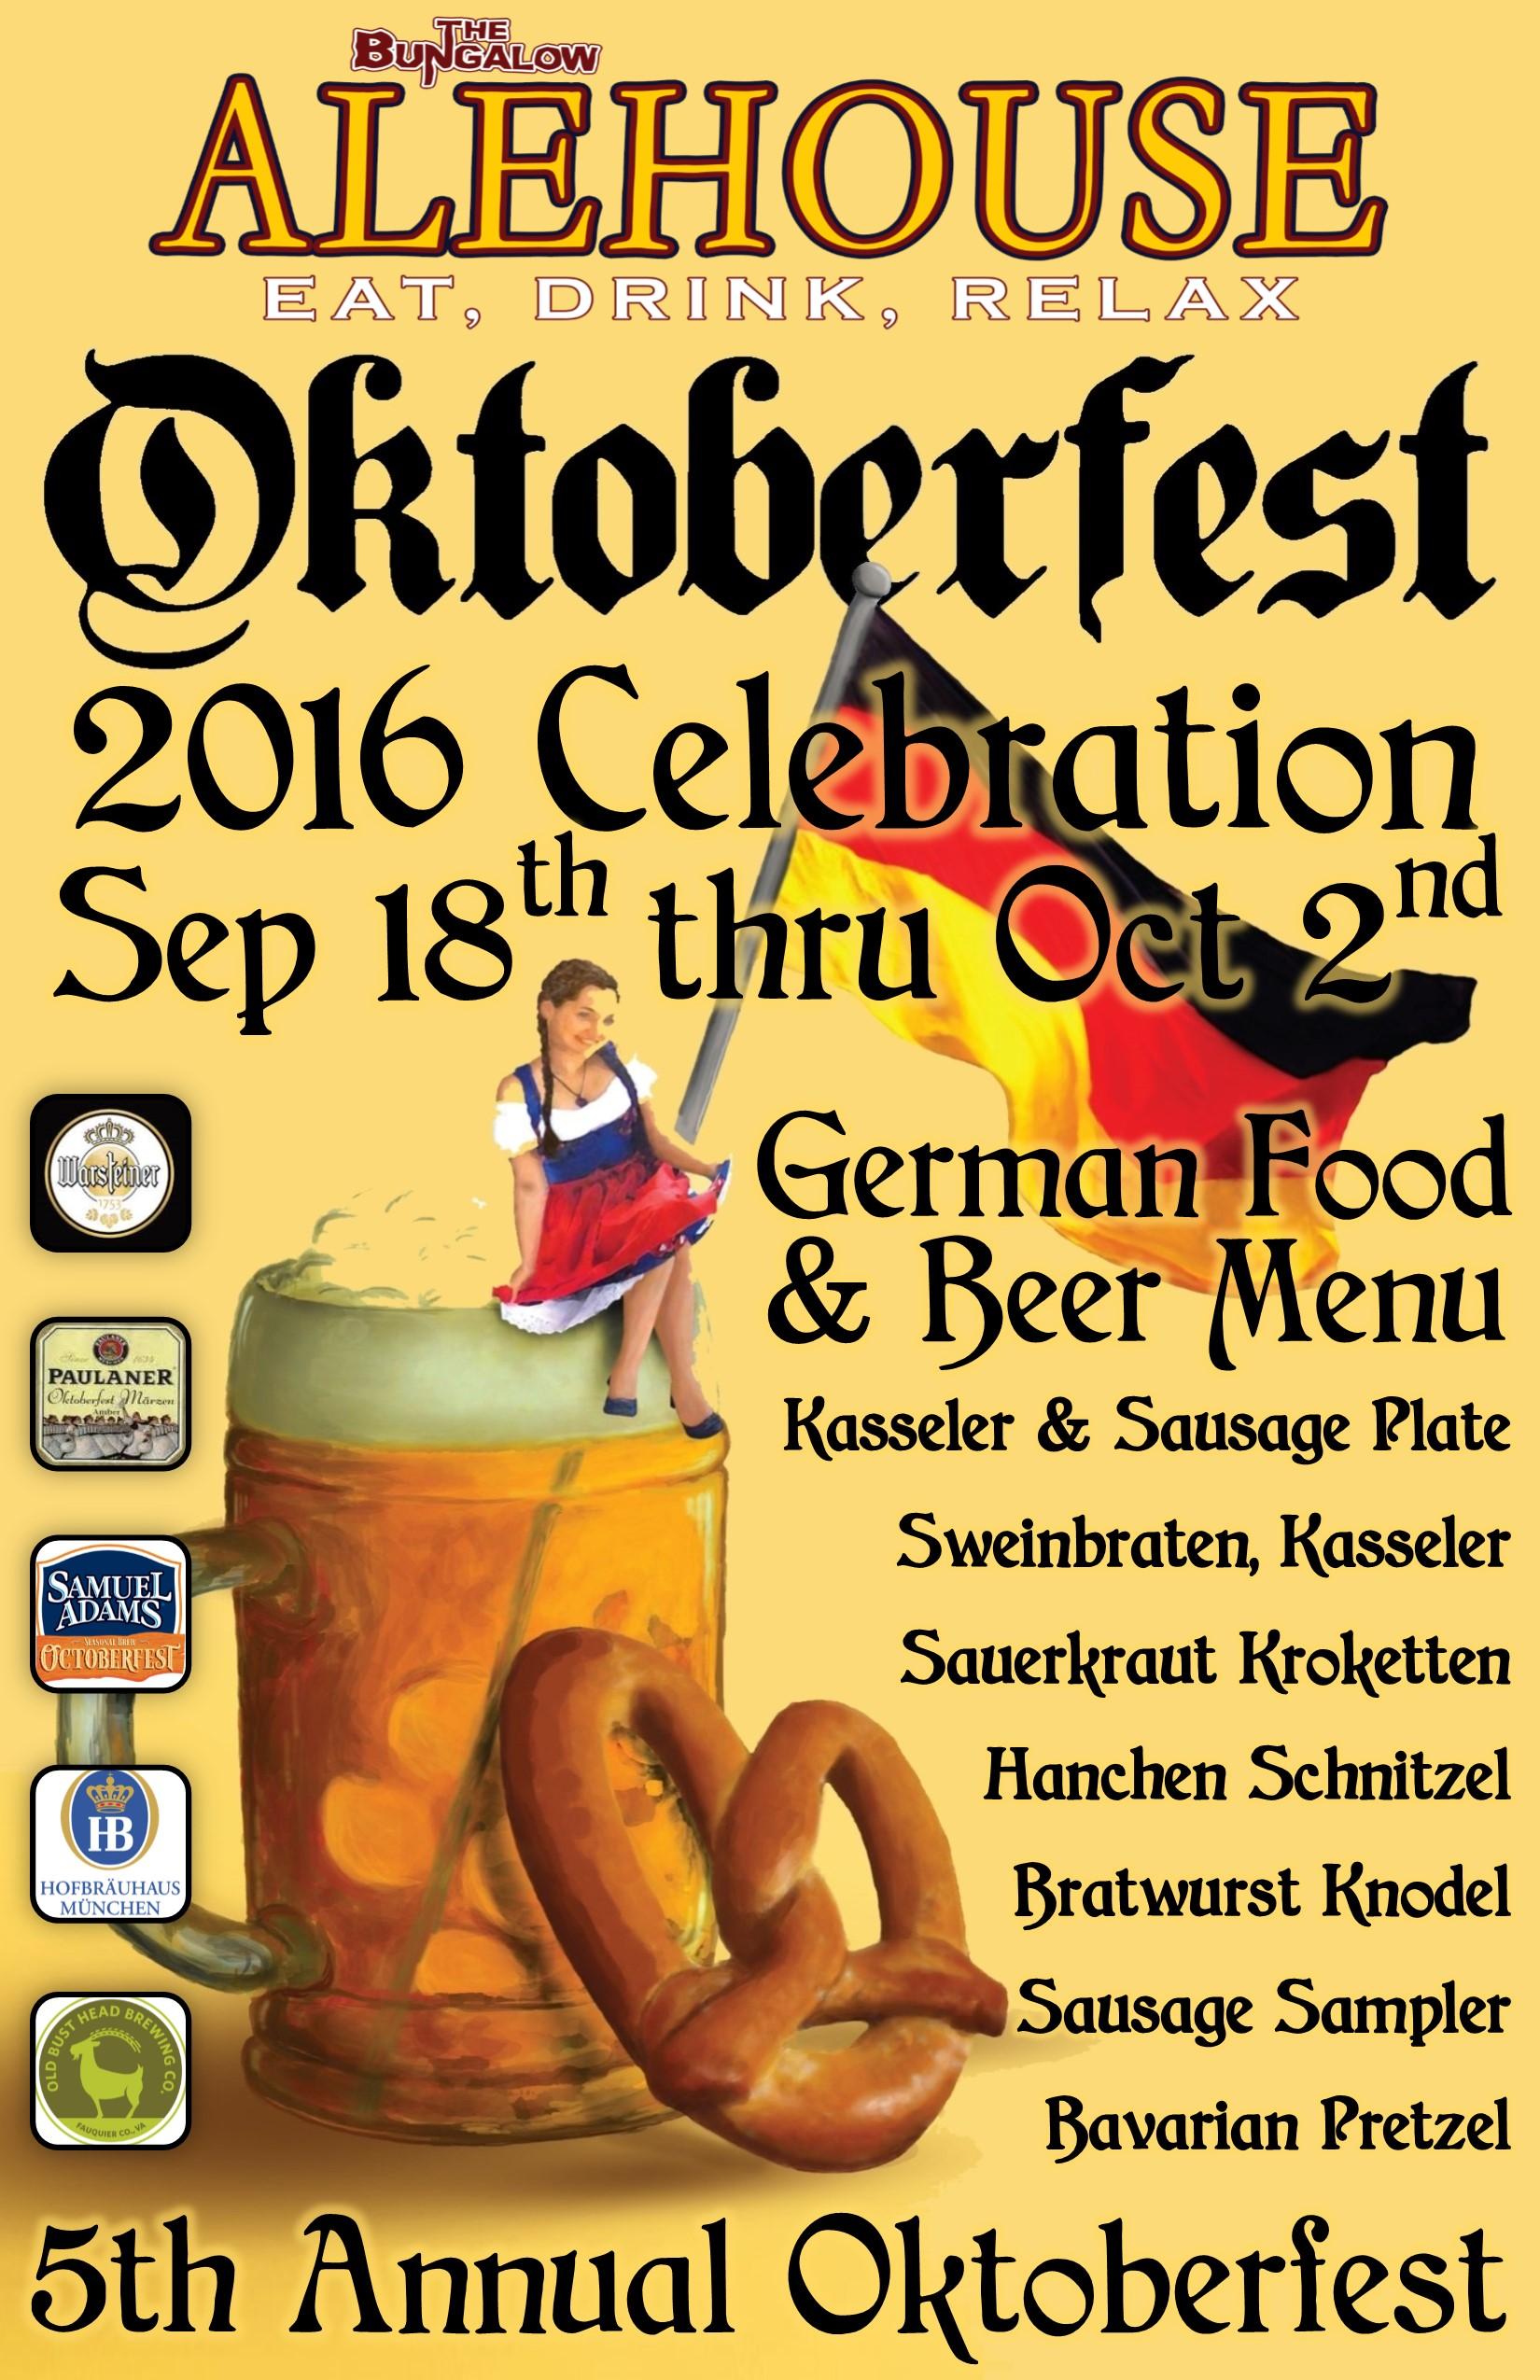 Alehouse Oktoberfest  2016 11x17